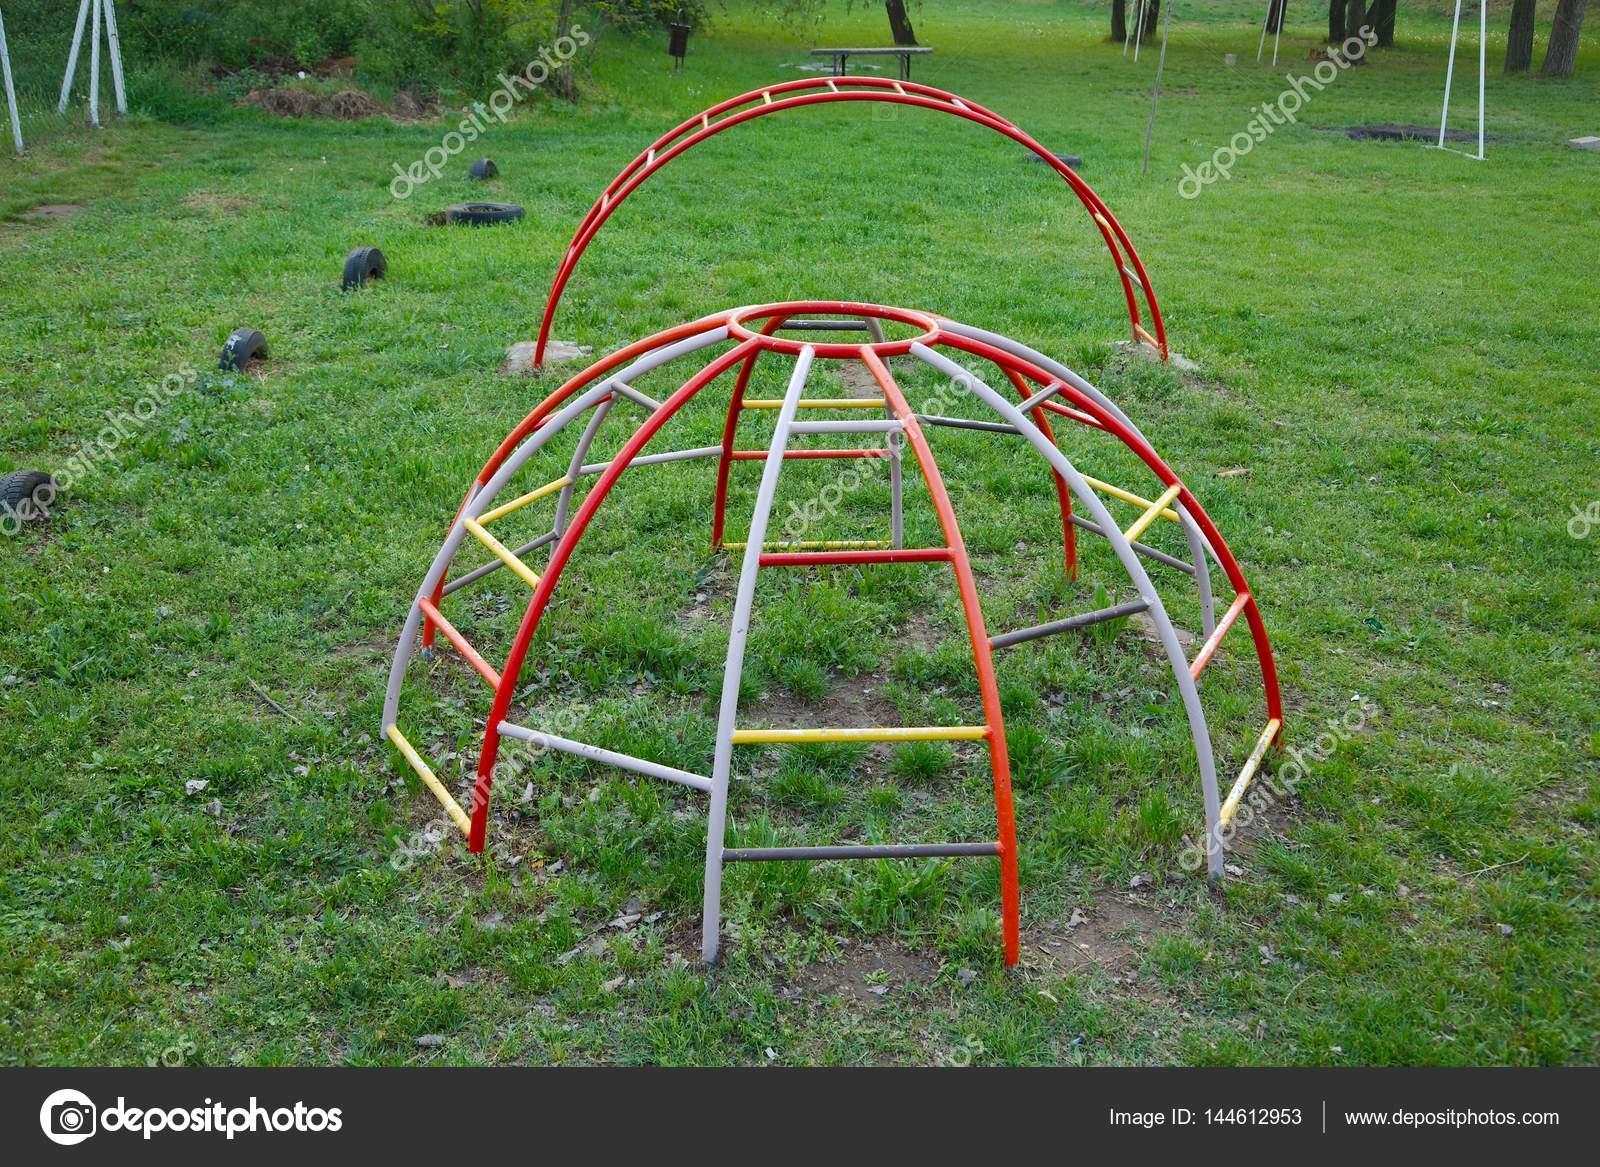 Klettergerüst Schulhof : Klettergerüst auf dem spielplatz u stockfoto gudella